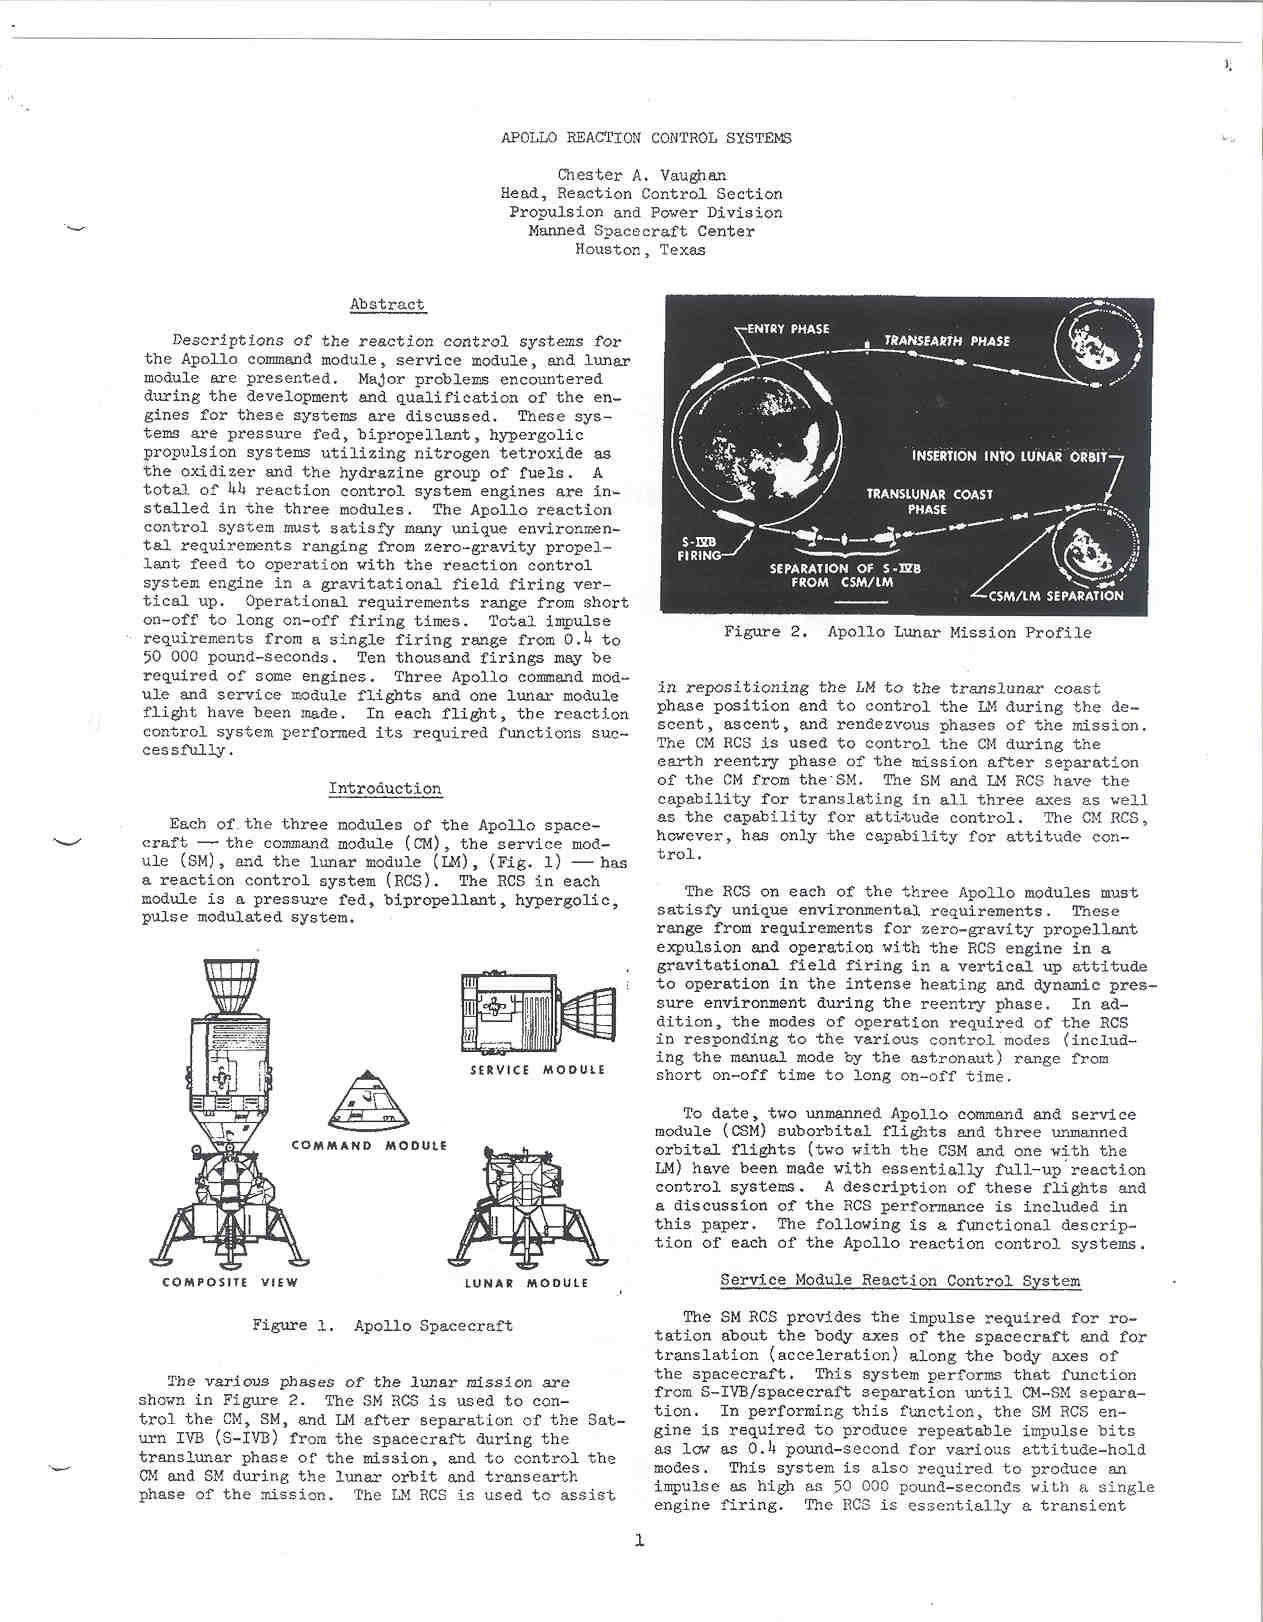 Apollo Reaction Control Systems Vaughan